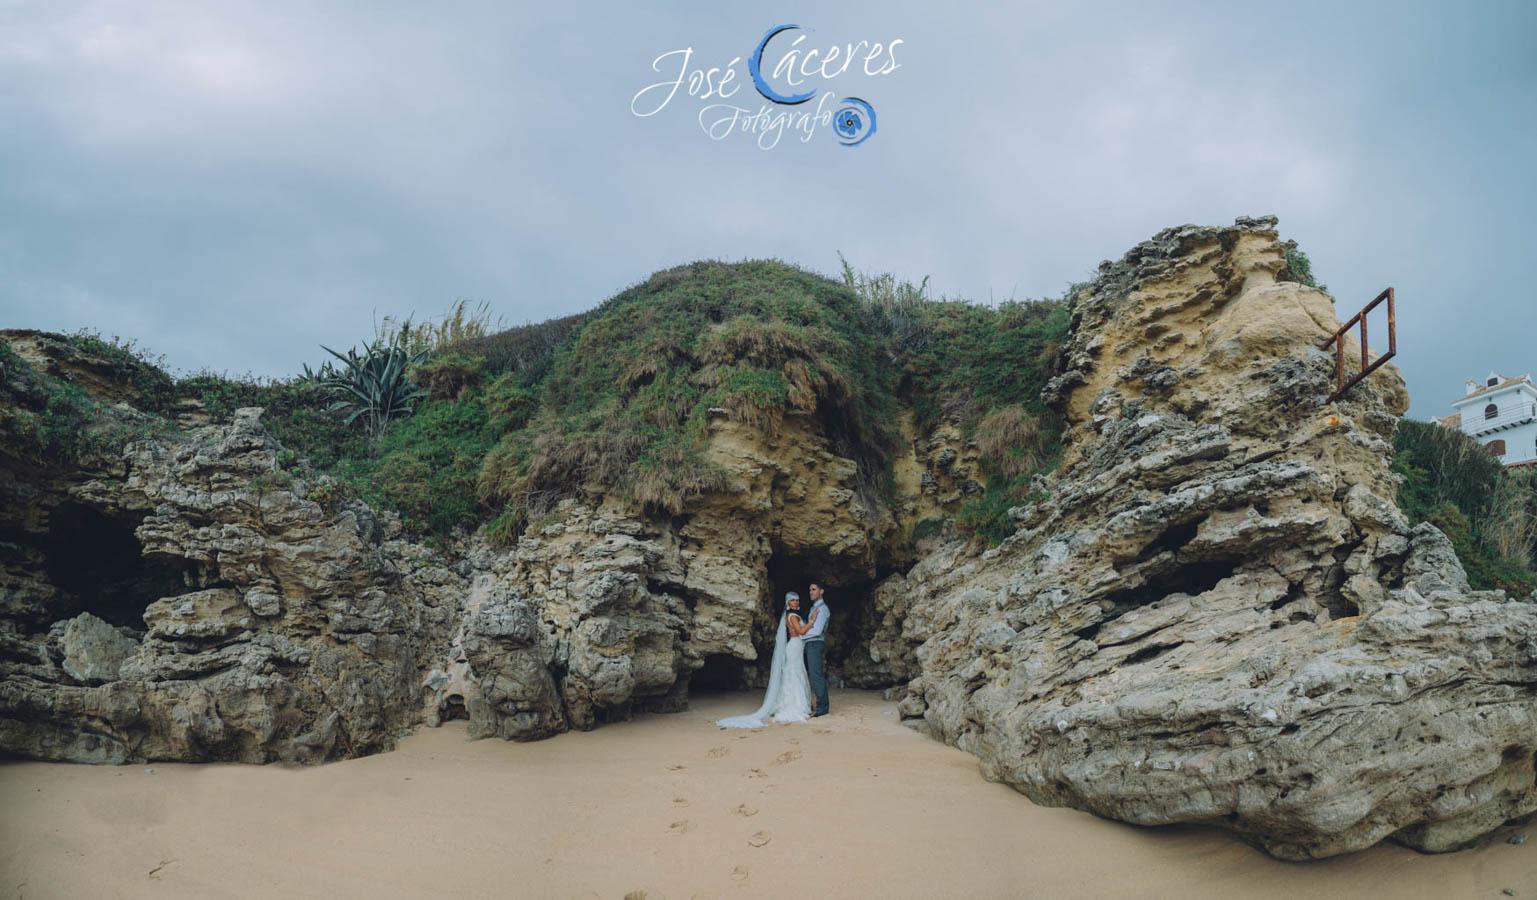 Sesion fotografica de jose caceres fotografia, post boda leticia y jose luis, playas-21